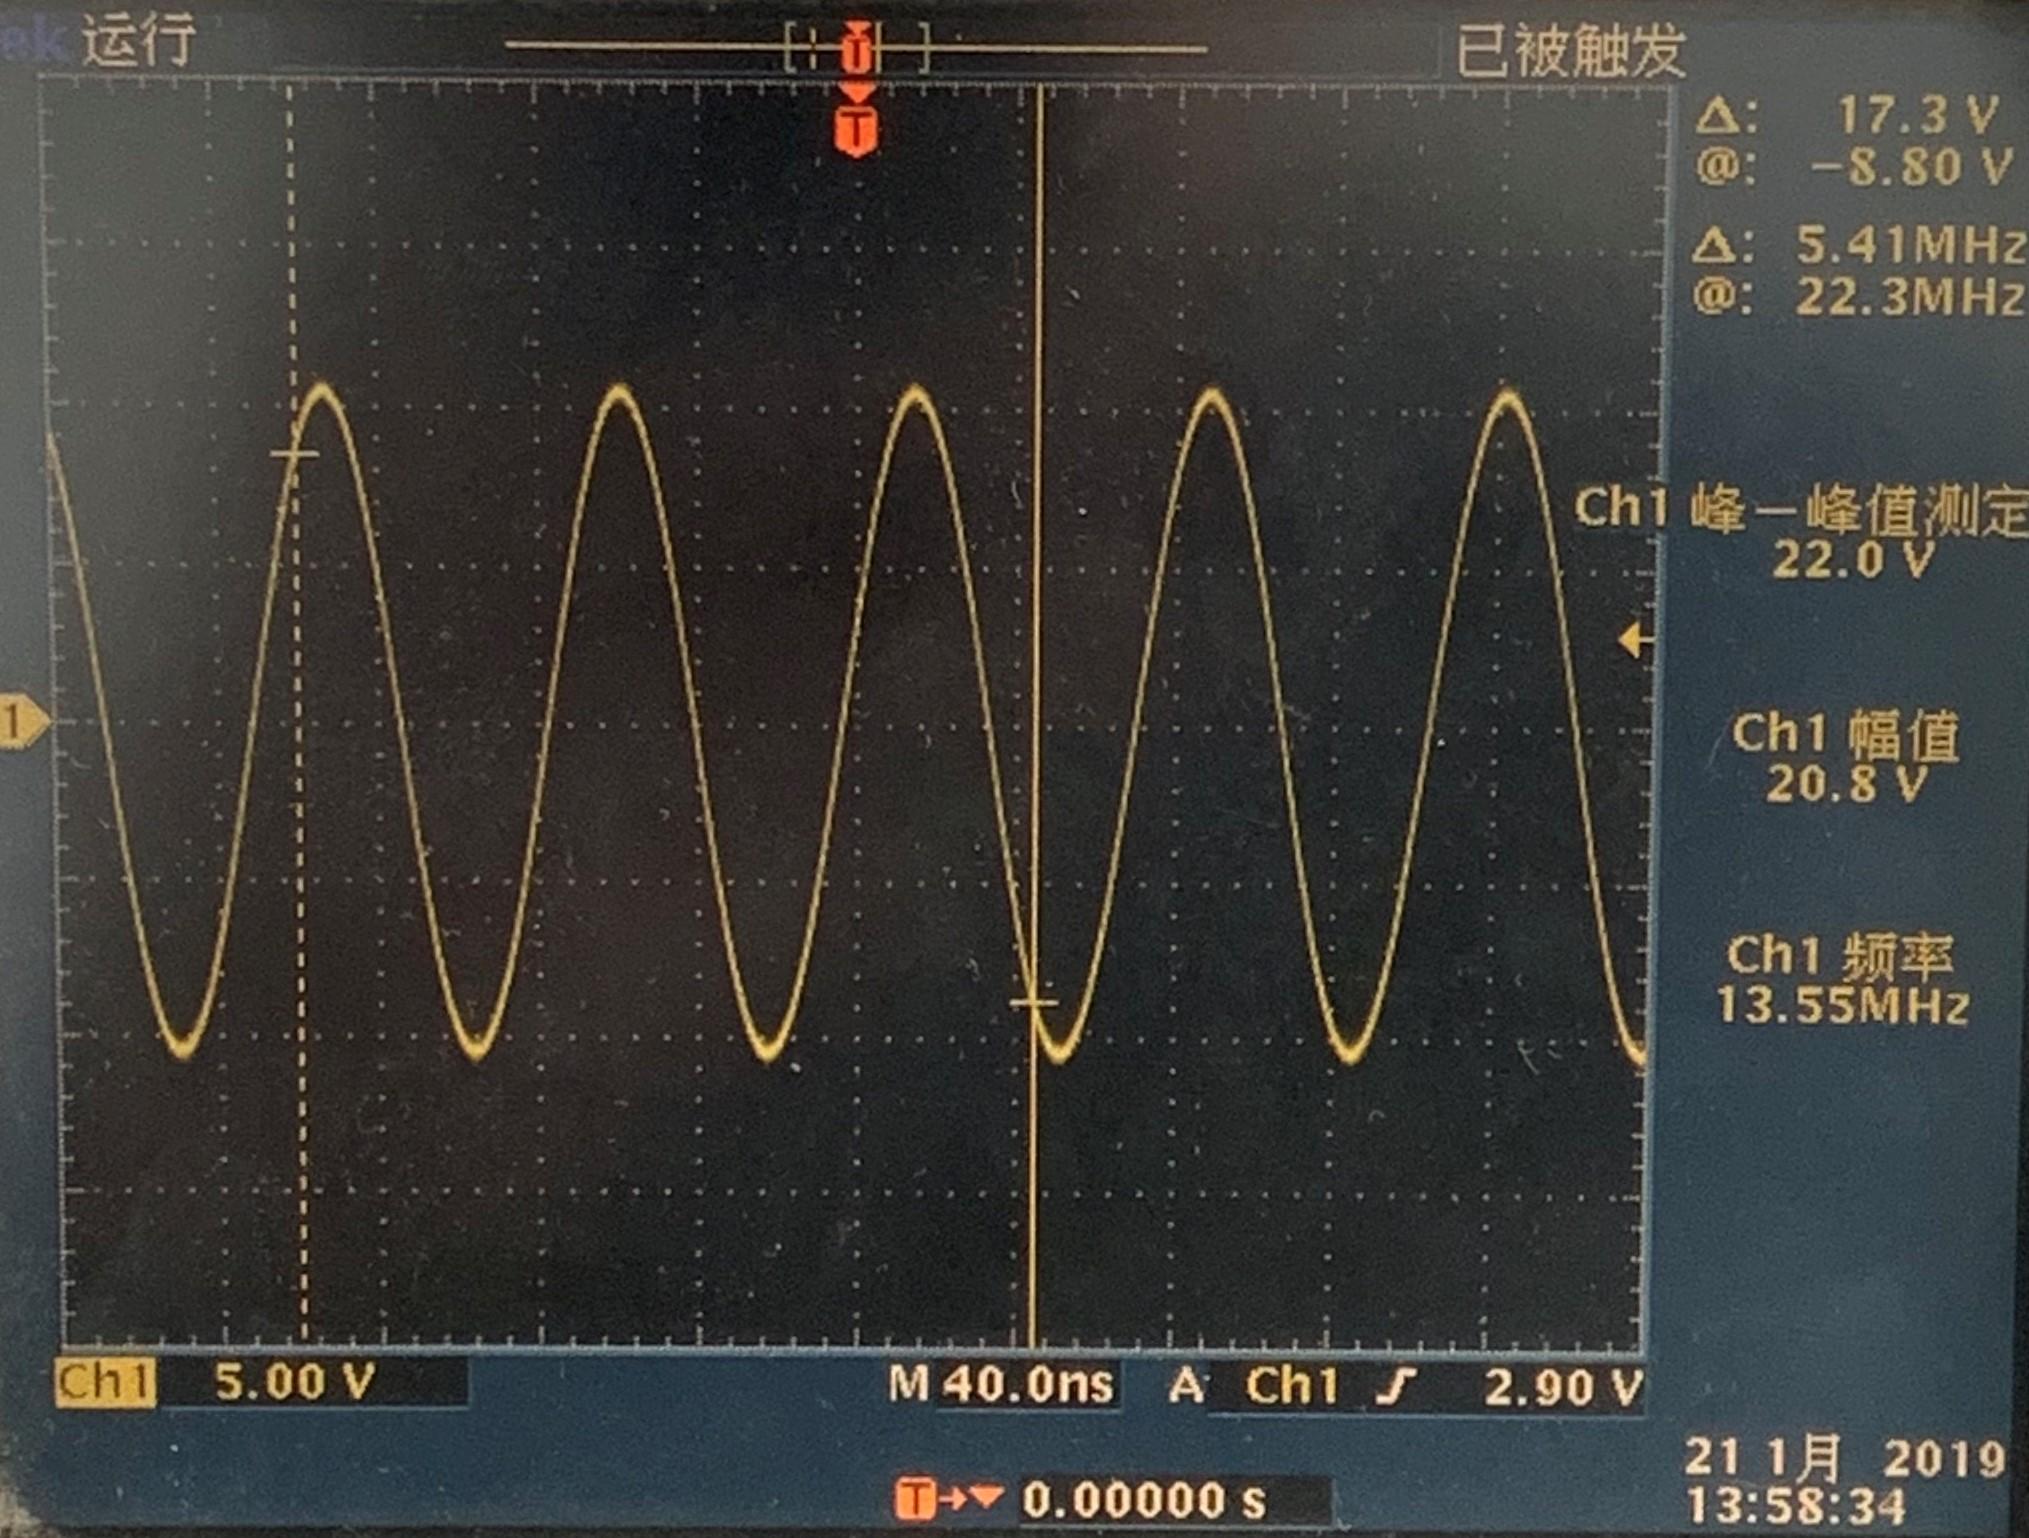 天線出口兩端波形